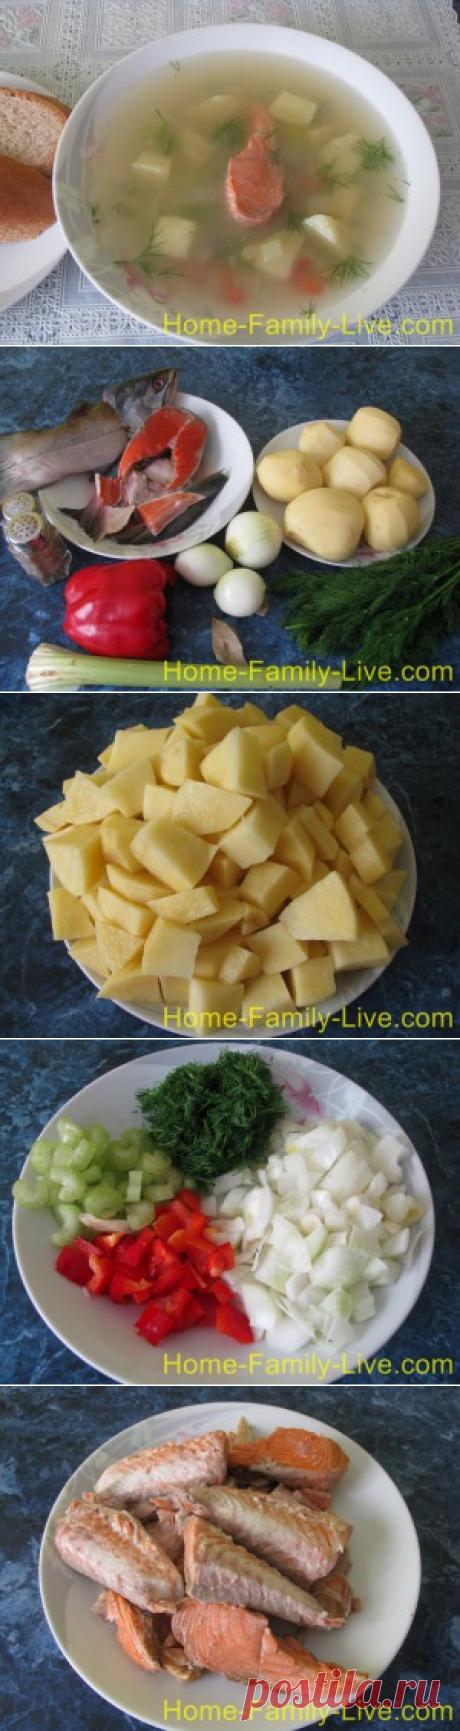 Уха из кеты/Сайт с пошаговыми рецептами с фото для тех кто любит готовить